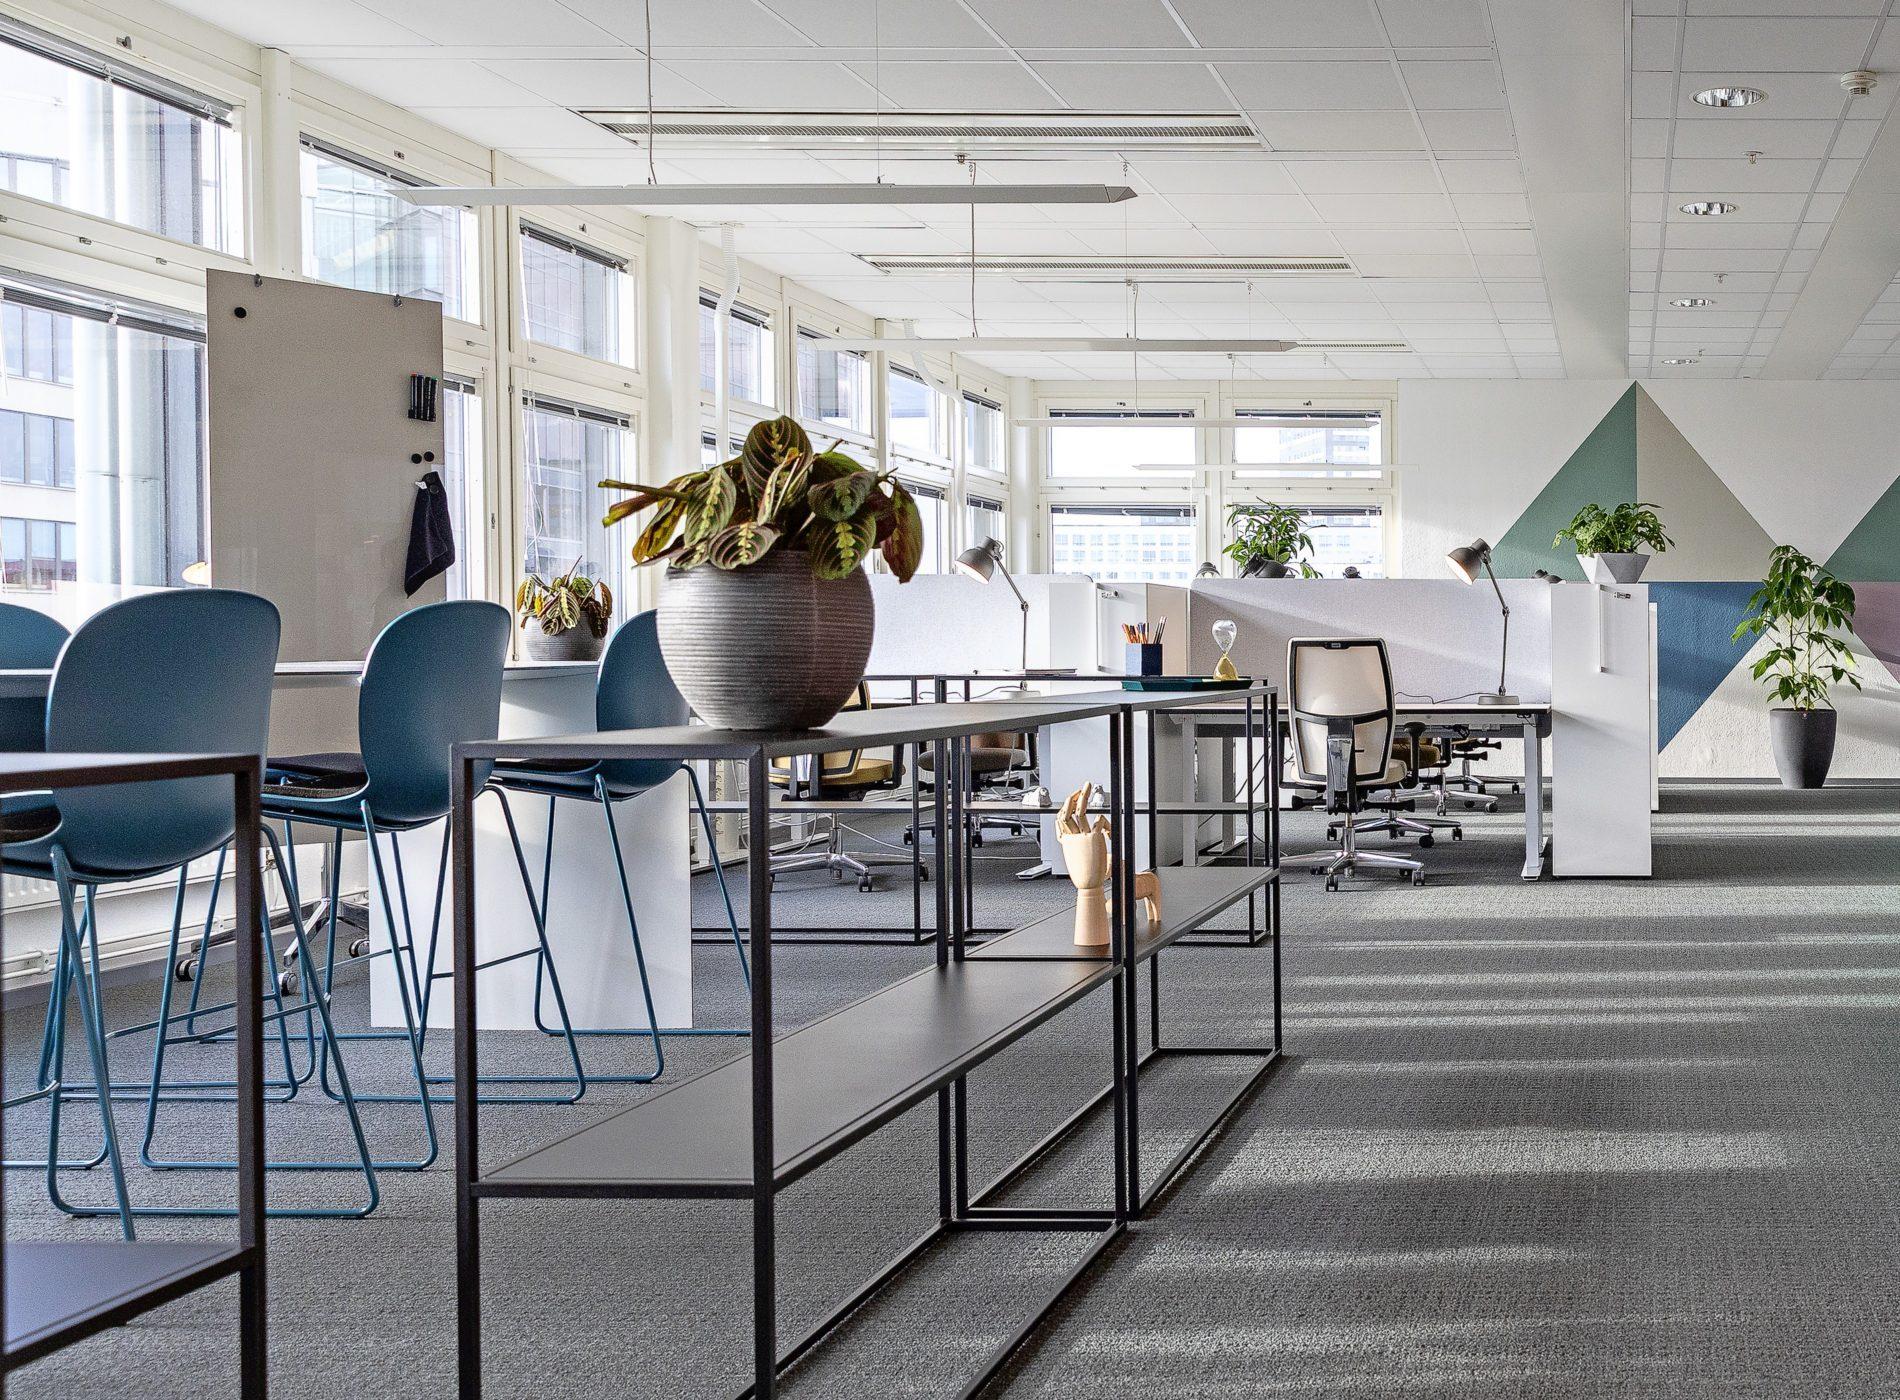 Bilden visar ett tomt kontor, färdigt inrett men utan människor.